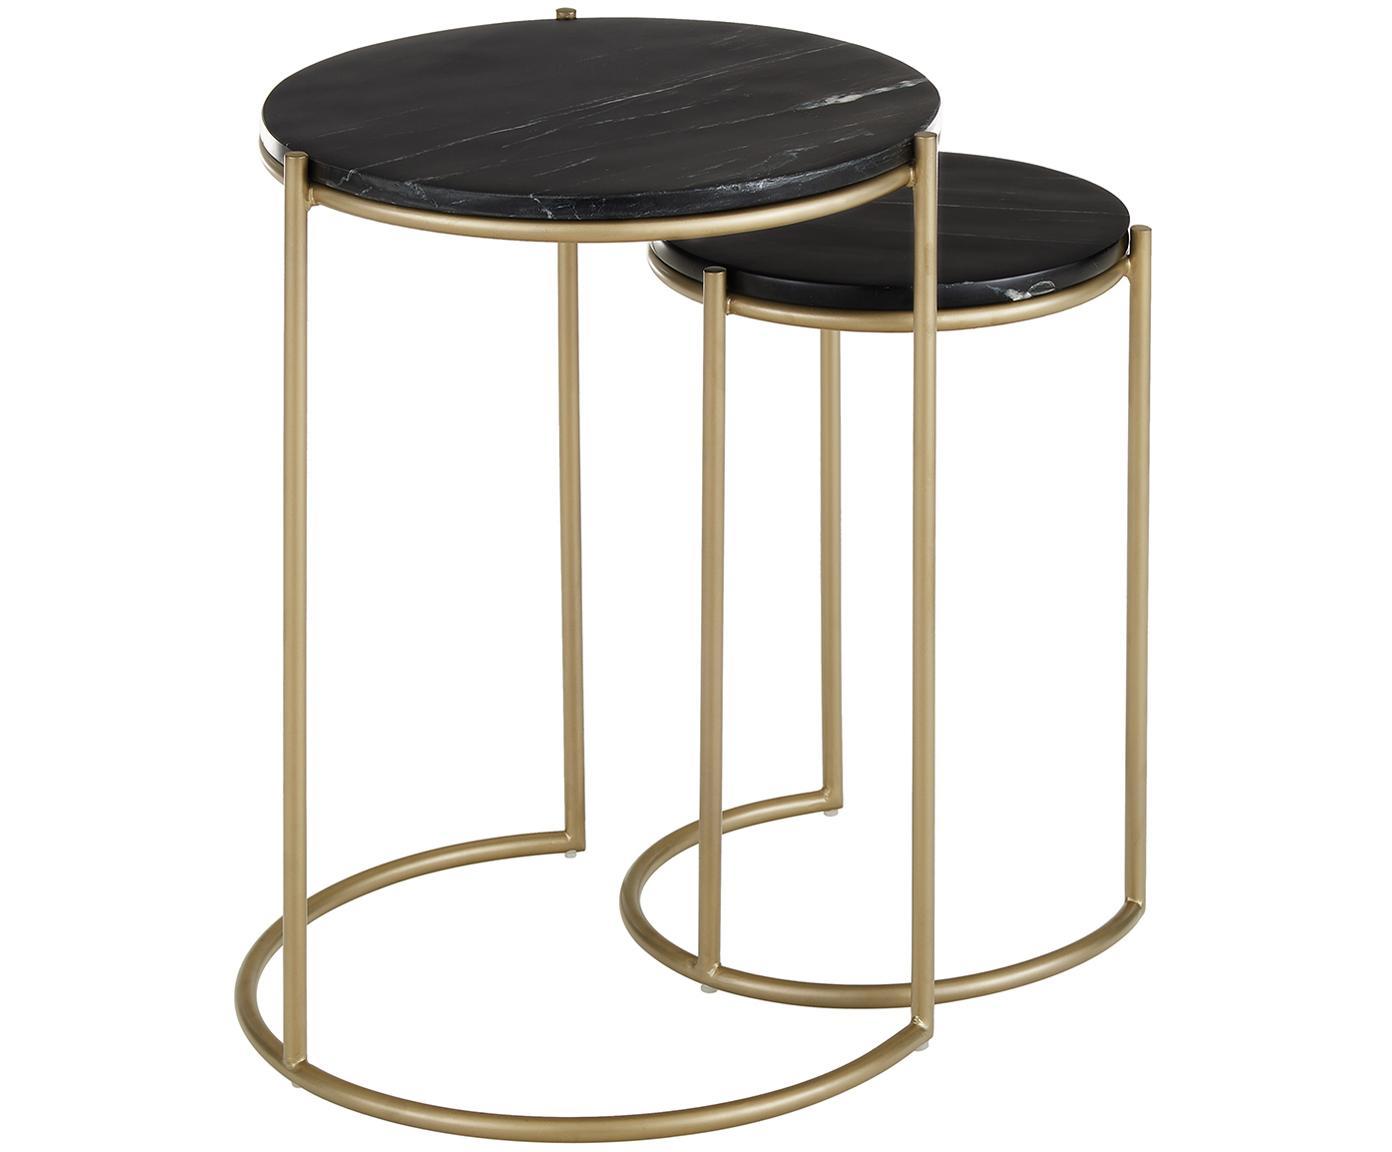 Set de mesas auxiliares de mármol Ella, Tablero: mármol natural, Estructura: metal con pintura en polv, Mármol negro, dorado, Tamaños diferentes